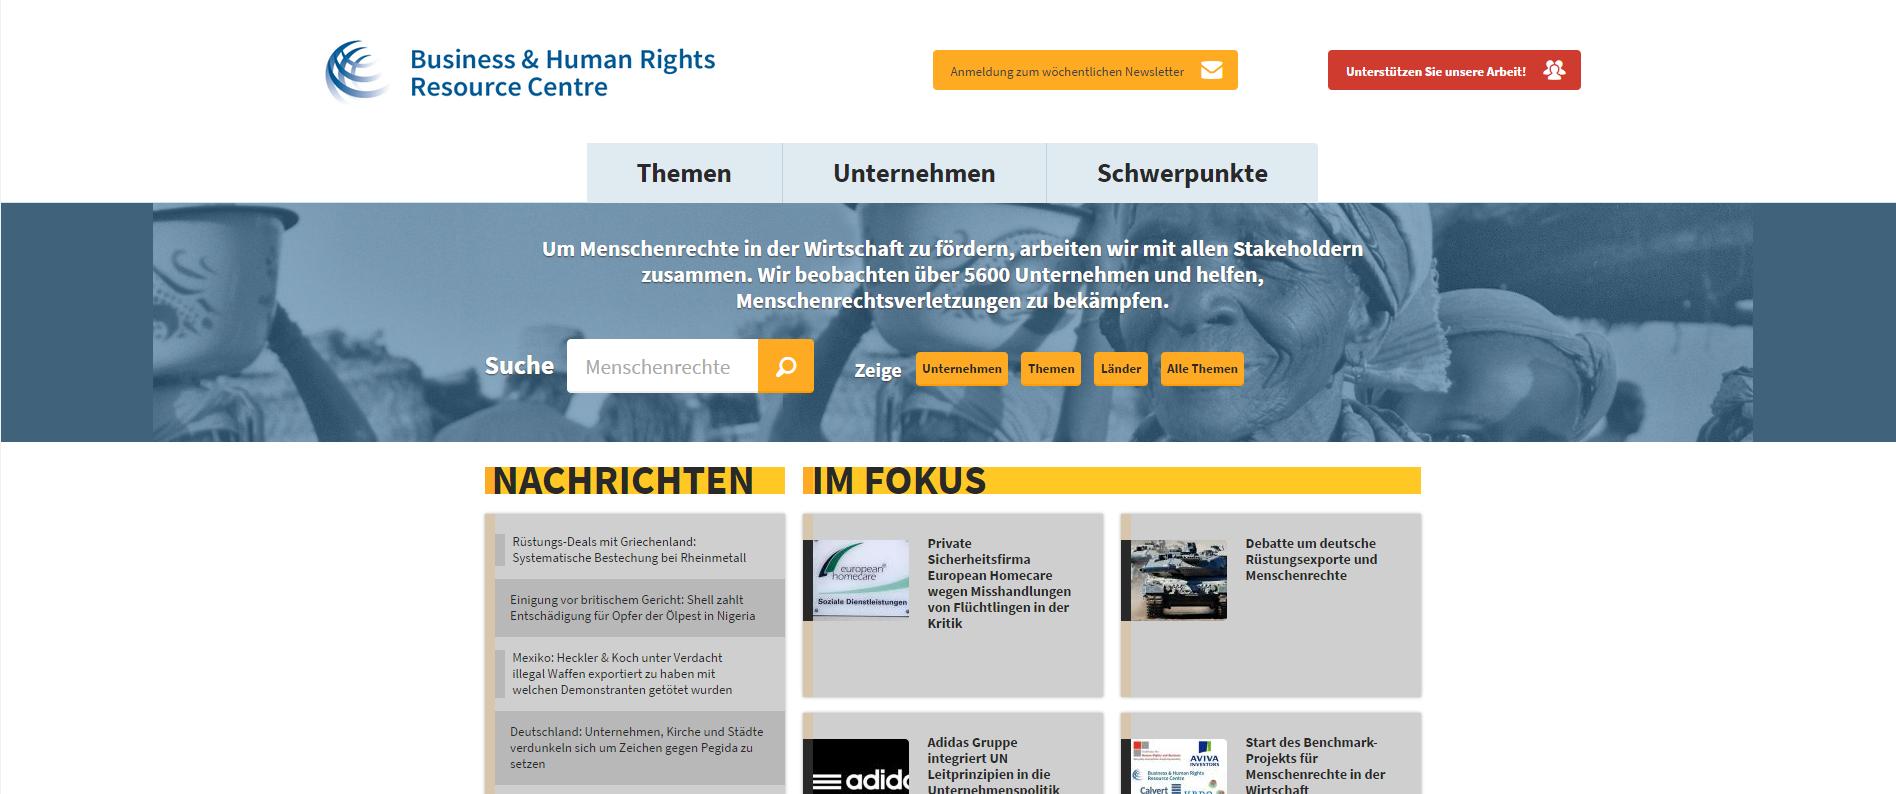 Startschuss für unsere neue deutschsprachige Website